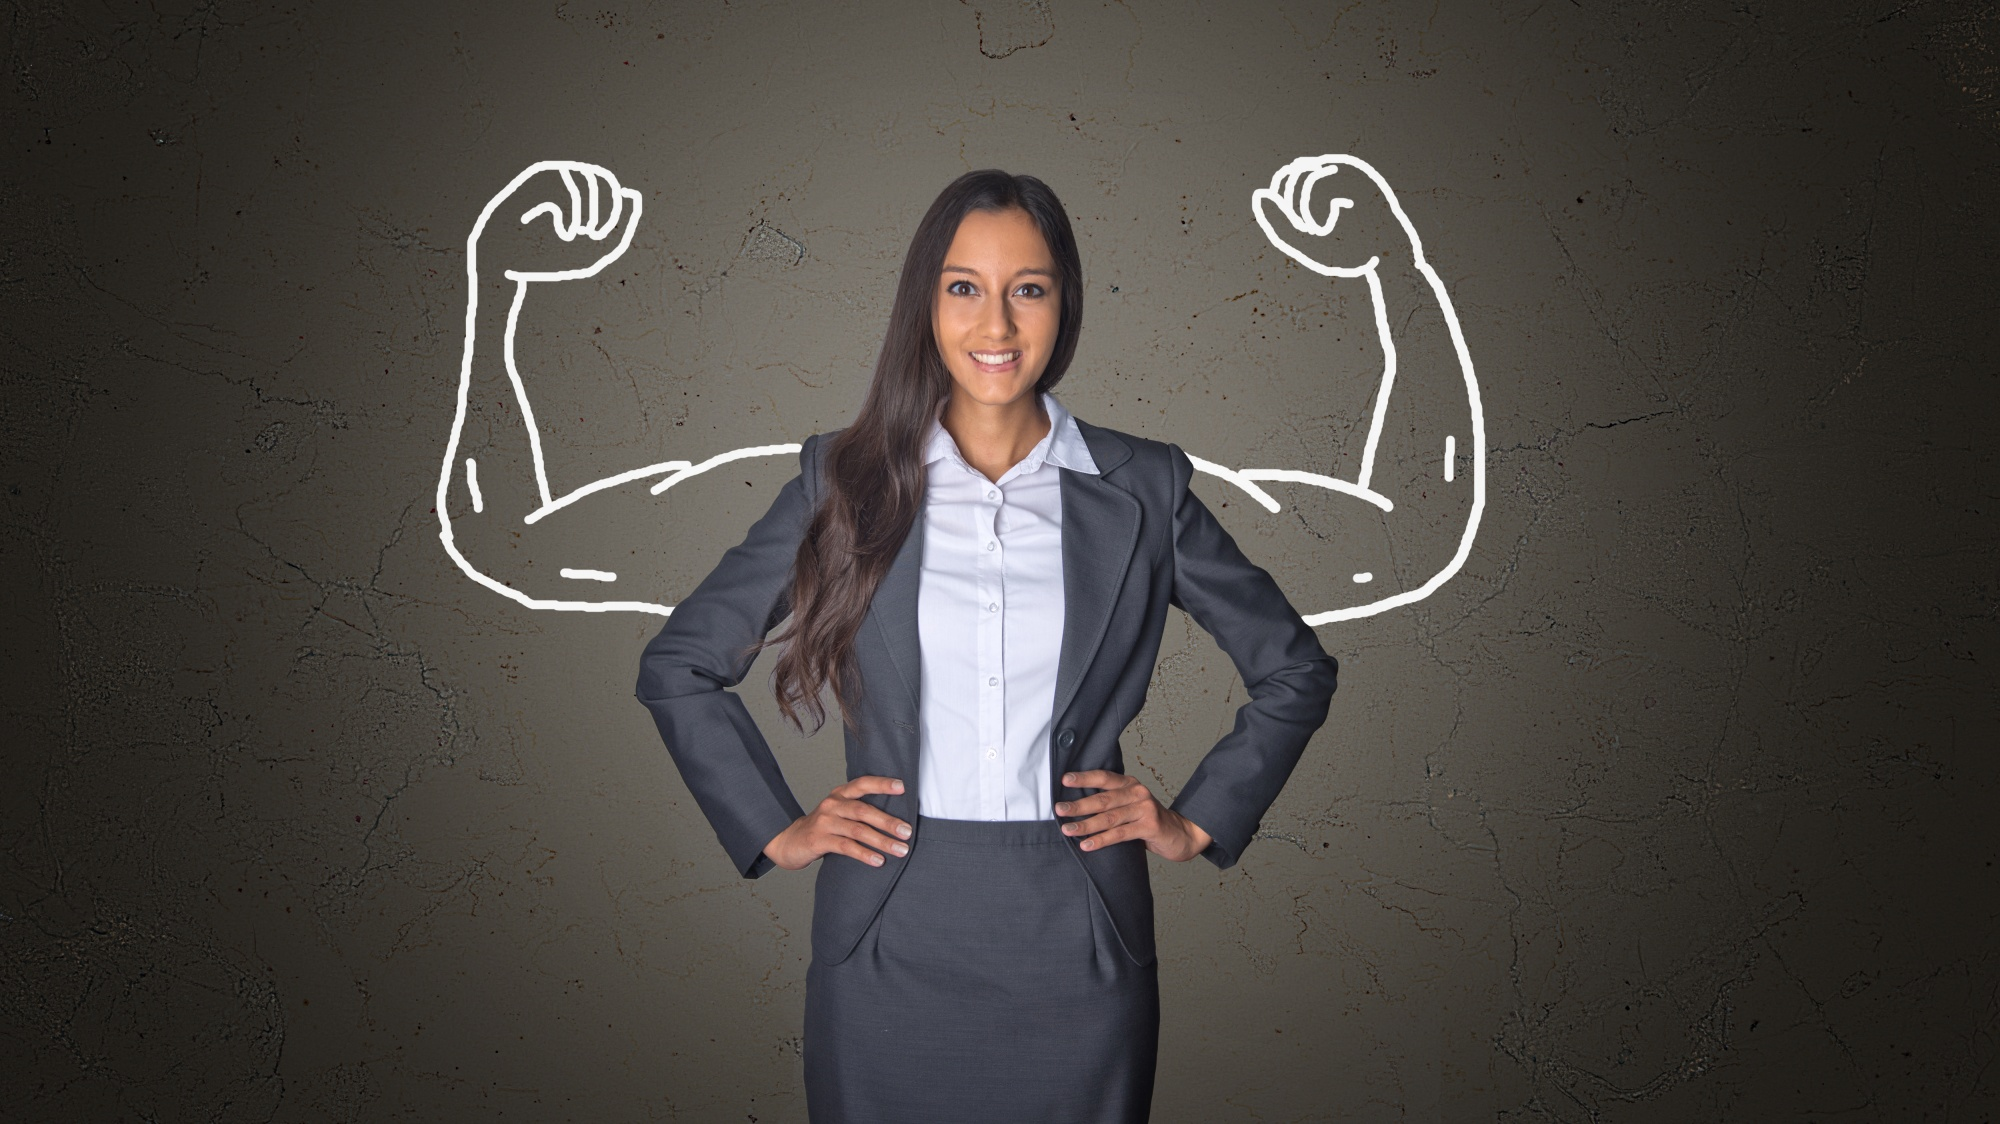 Elas no comando – As mulheres e o labirinto da liderança